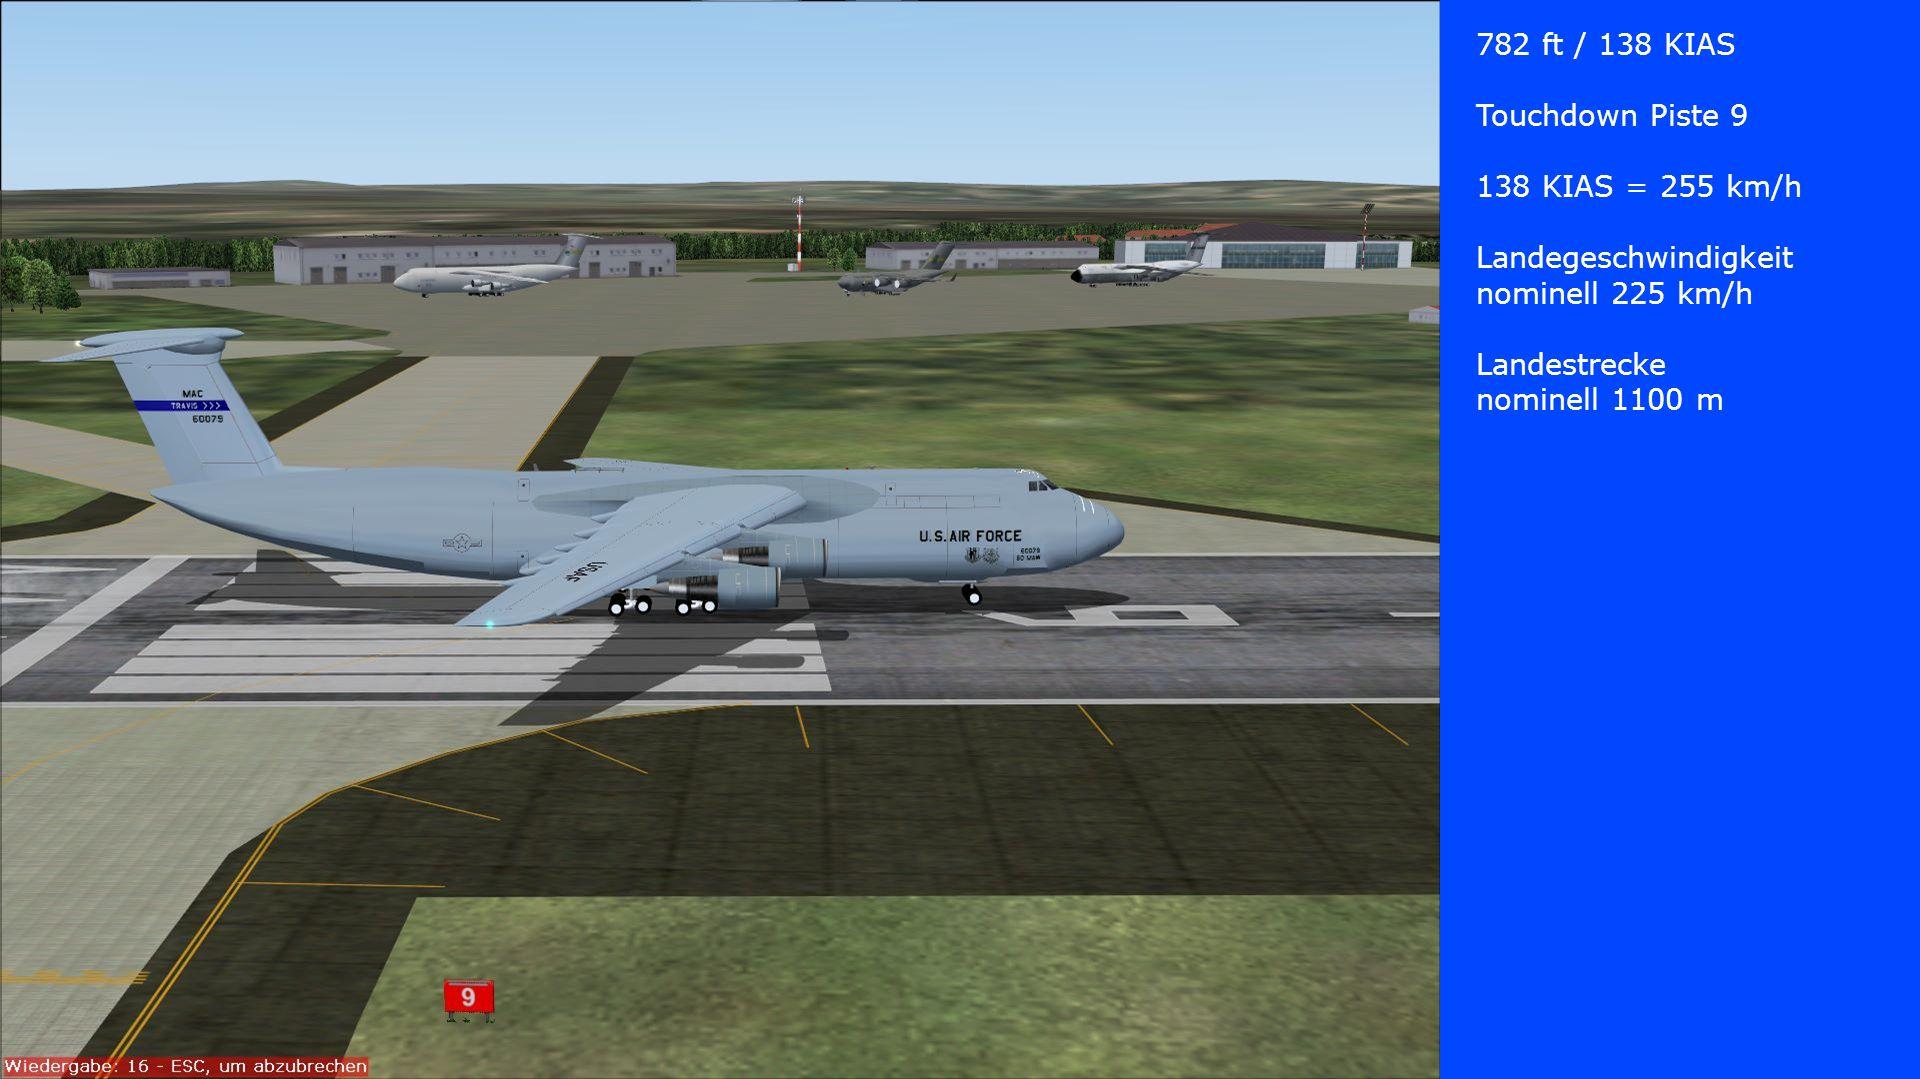 782 ft / 138 KIAS Touchdown Piste 9. 138 KIAS = 255 km/h.